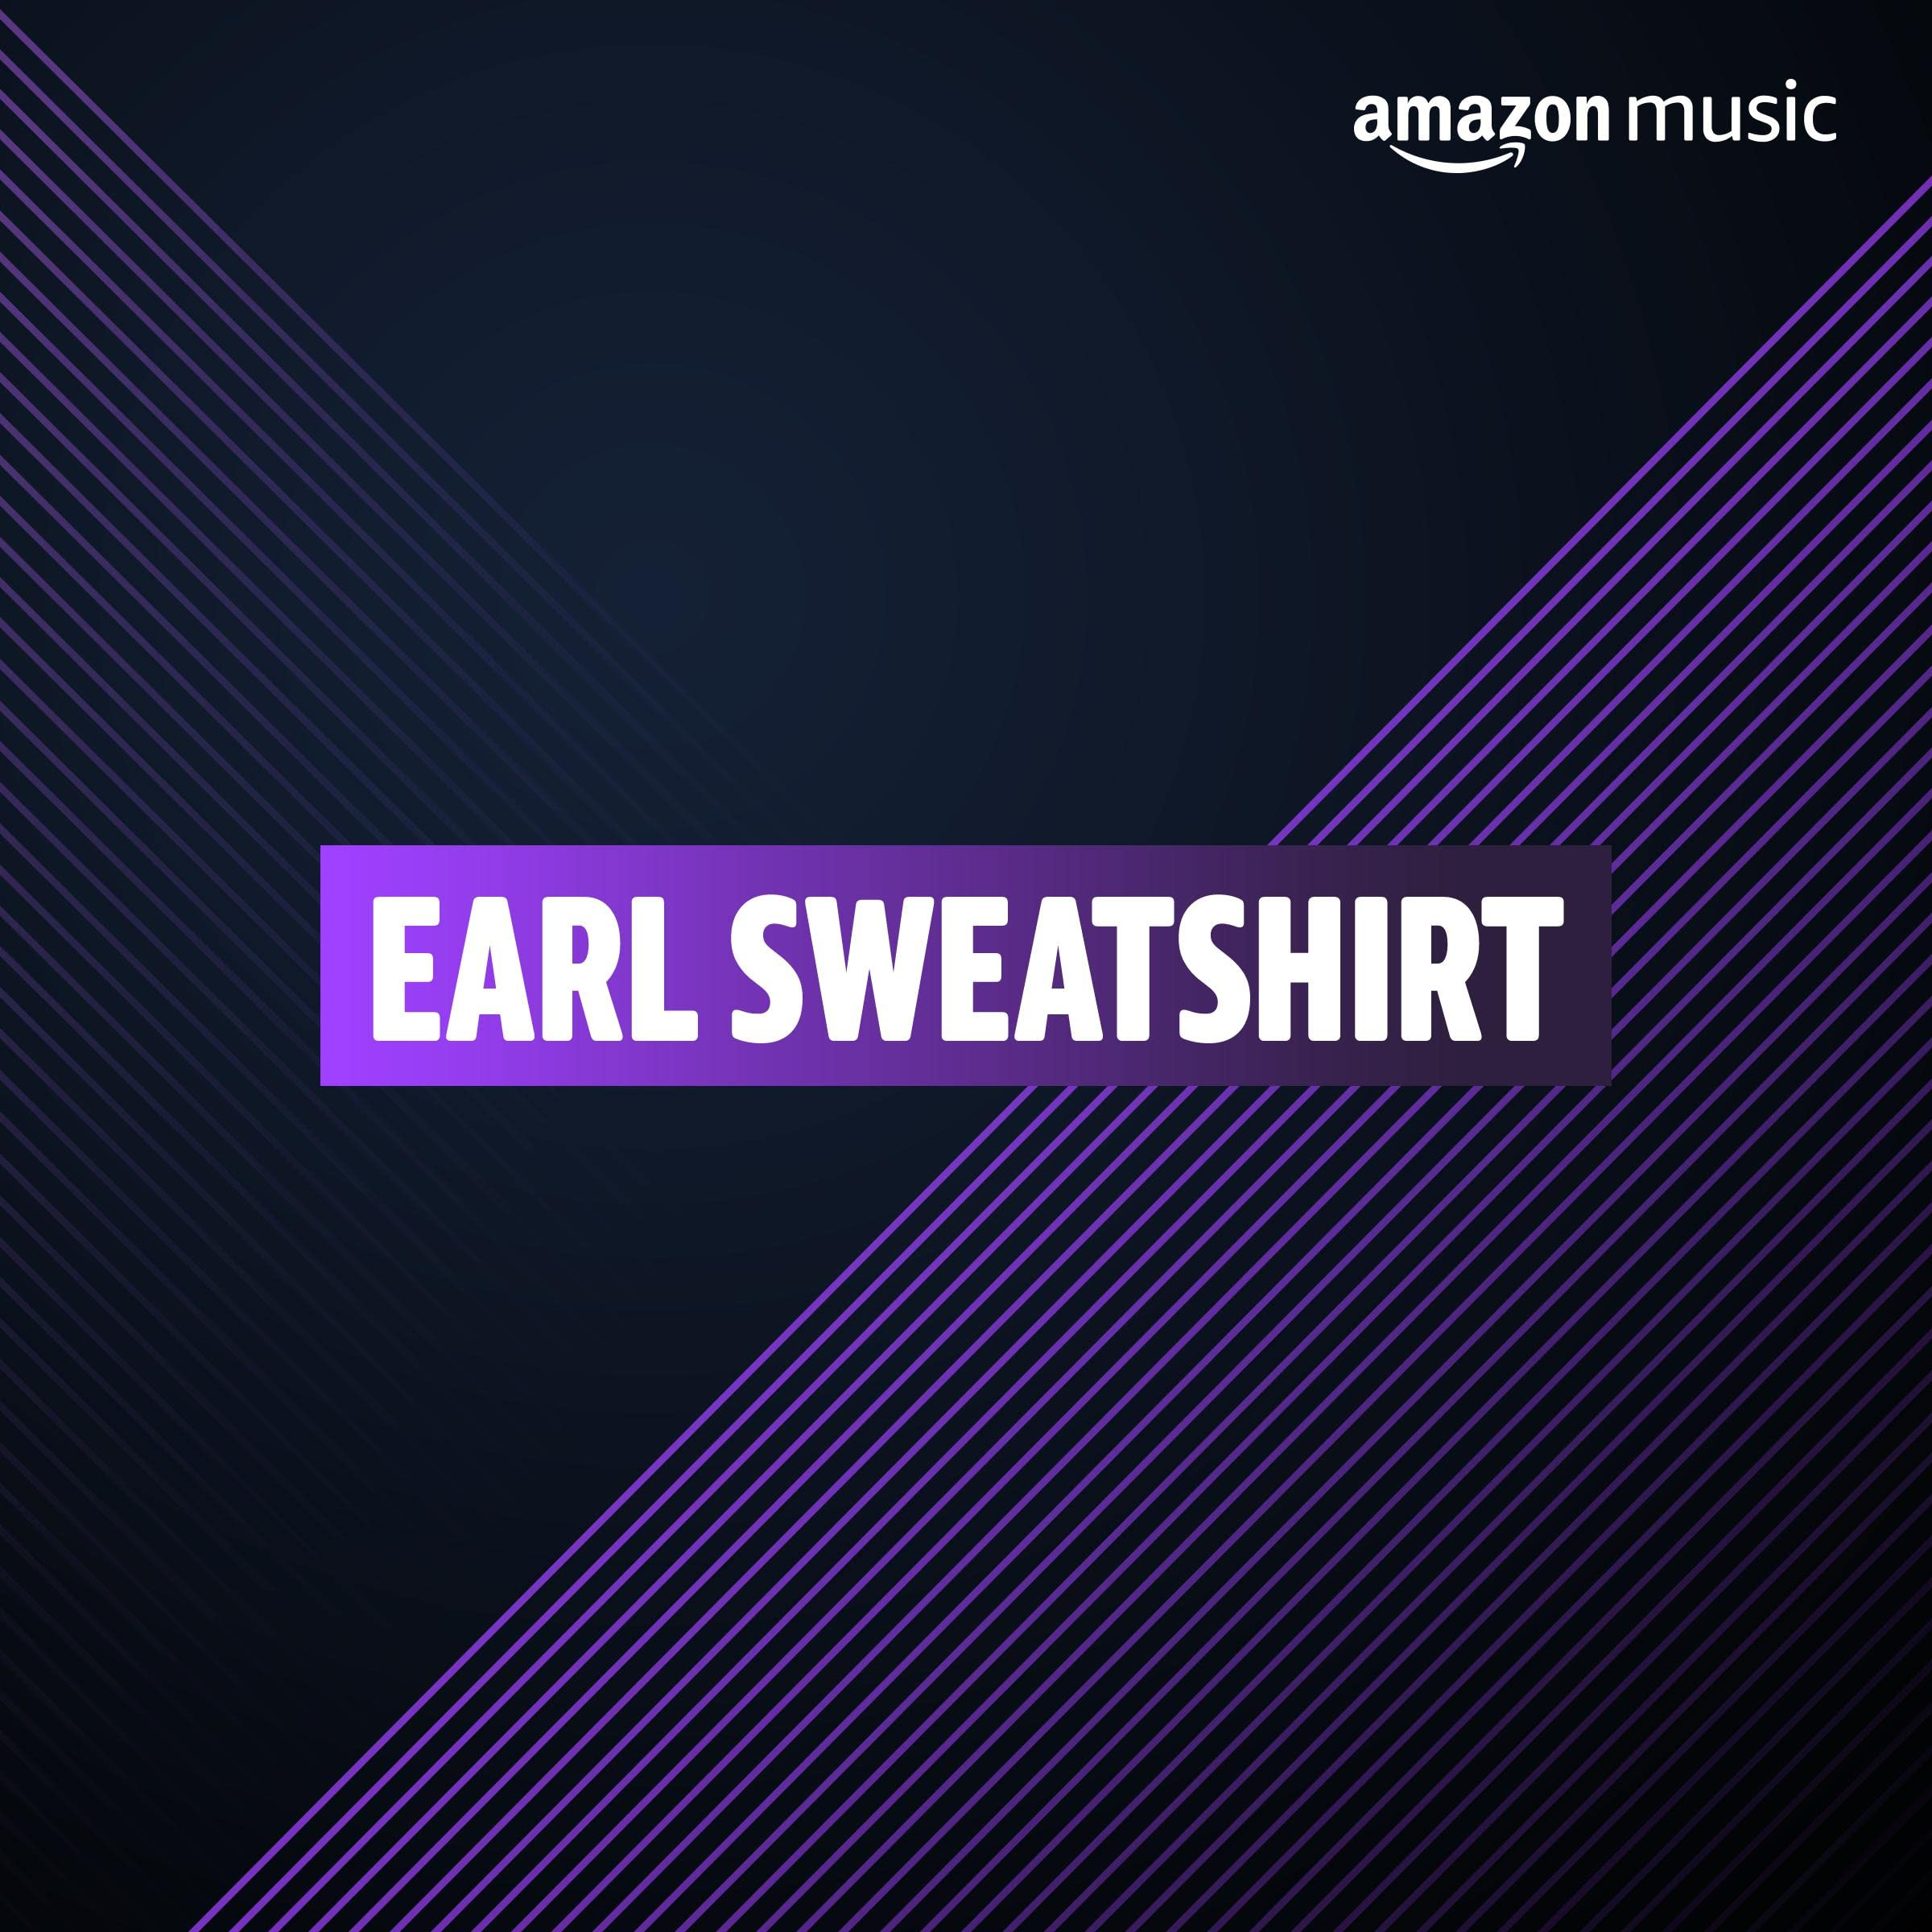 Earl Sweatshirt